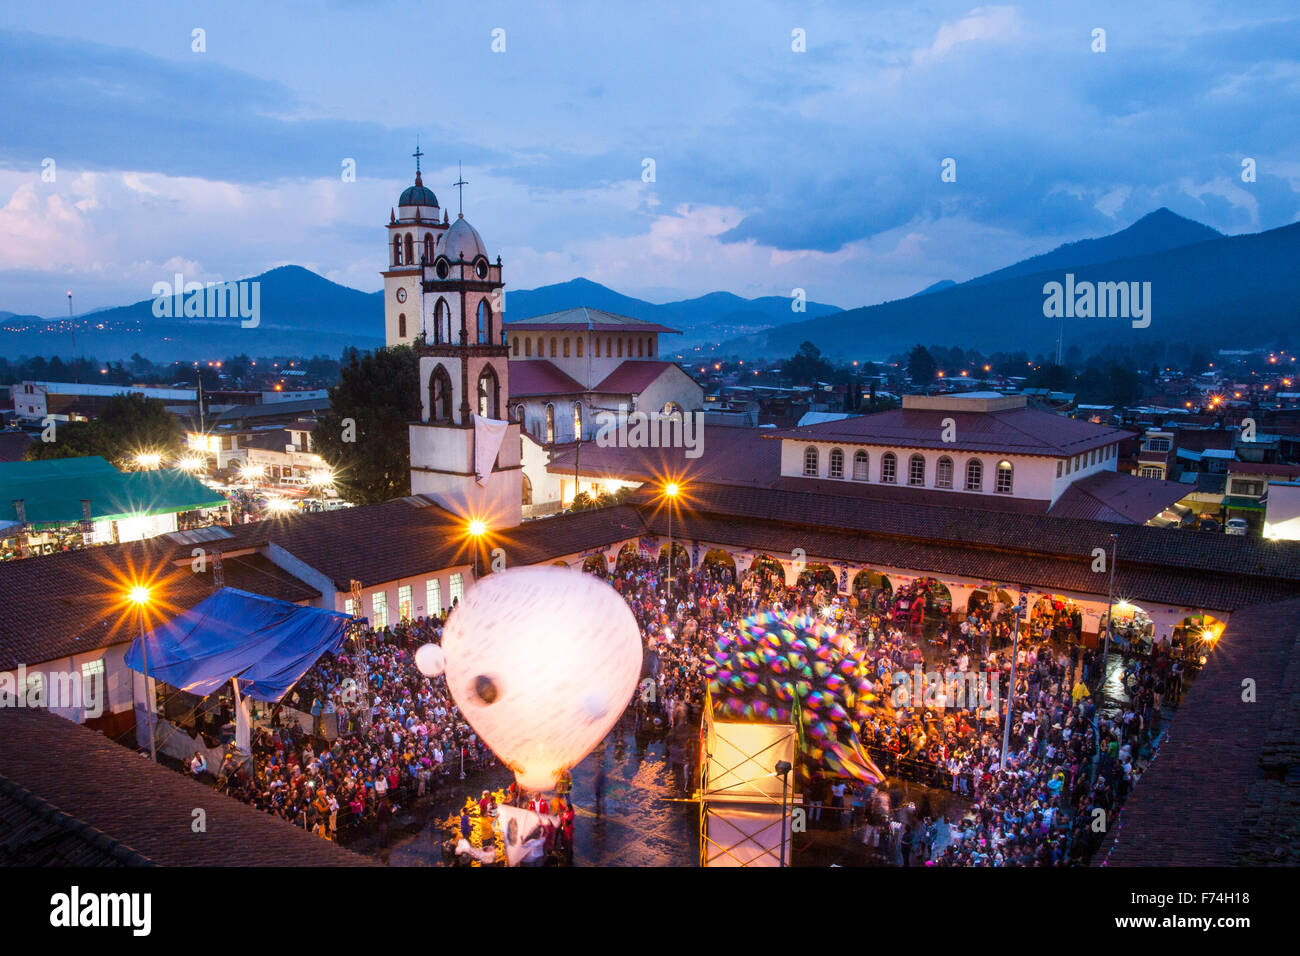 La plaza de paracho, Michoacan, Mexique rempli de spectateurs et de grandes lanternes de ciel au cours de l'cantoya Photo Stock